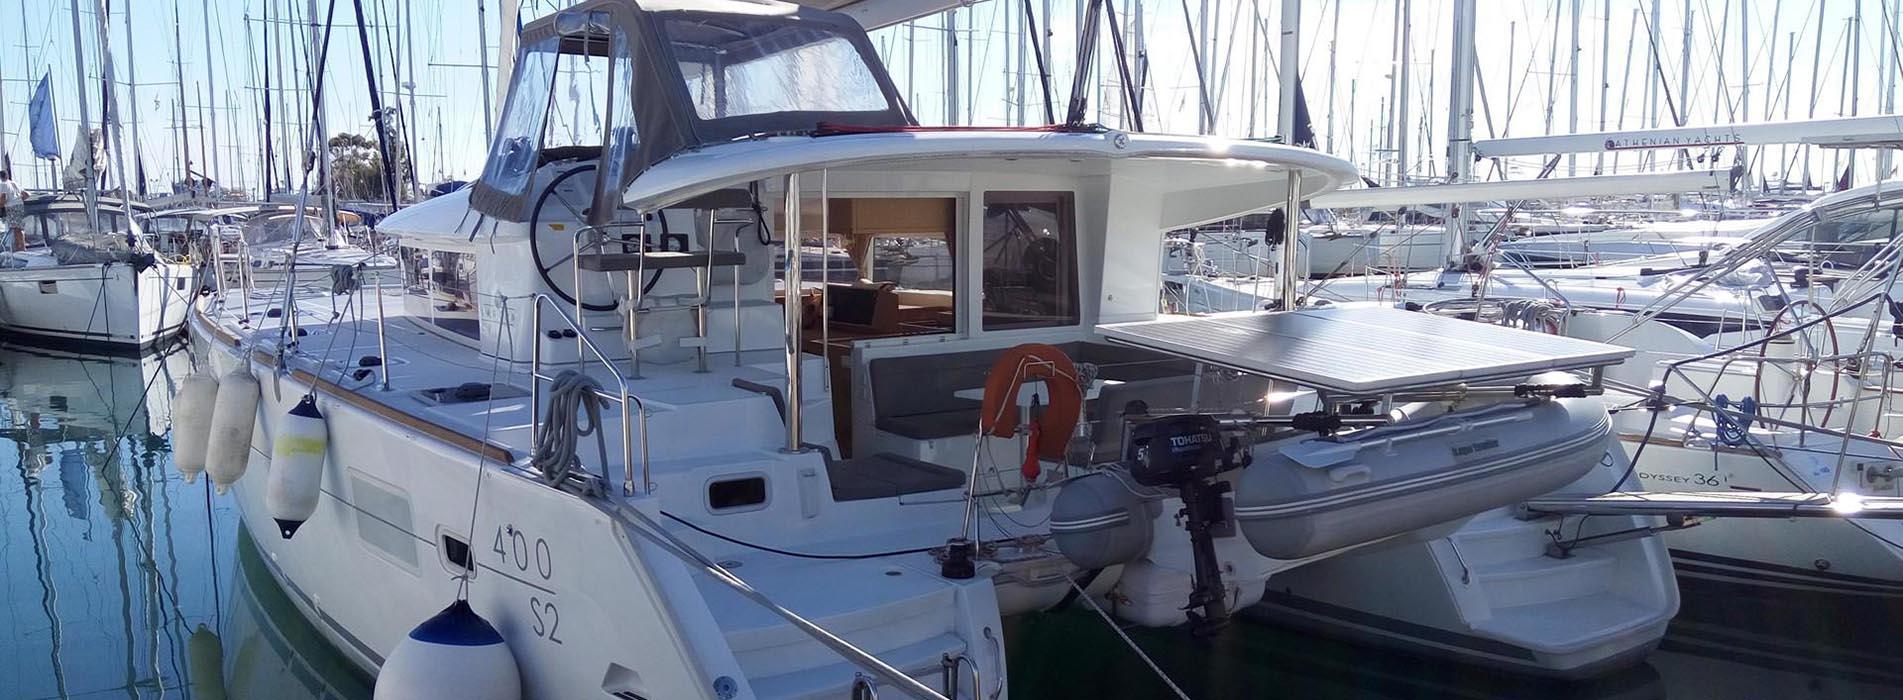 Lagoon 400 S2 - Royal Velvet 1 (main)